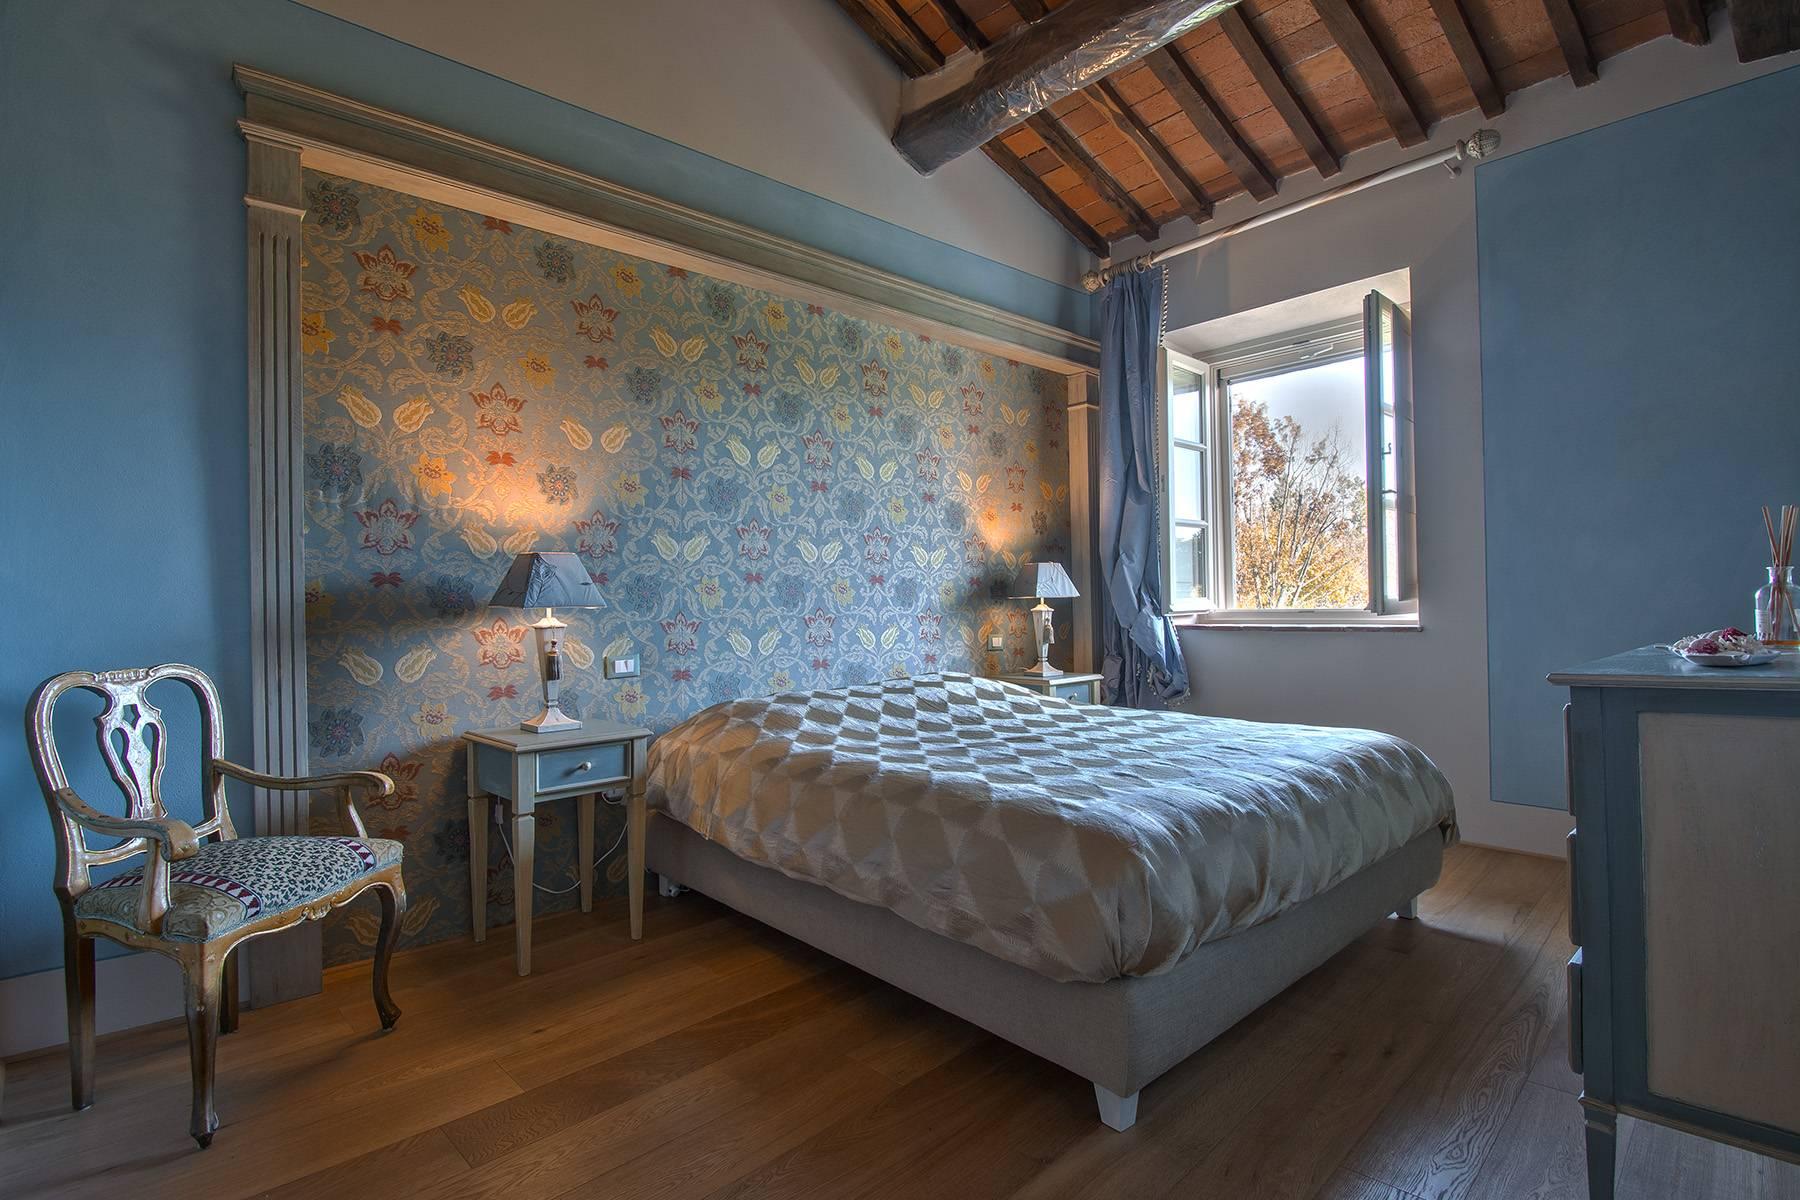 Casa indipendente in Vendita a Lucca: 5 locali, 130 mq - Foto 9